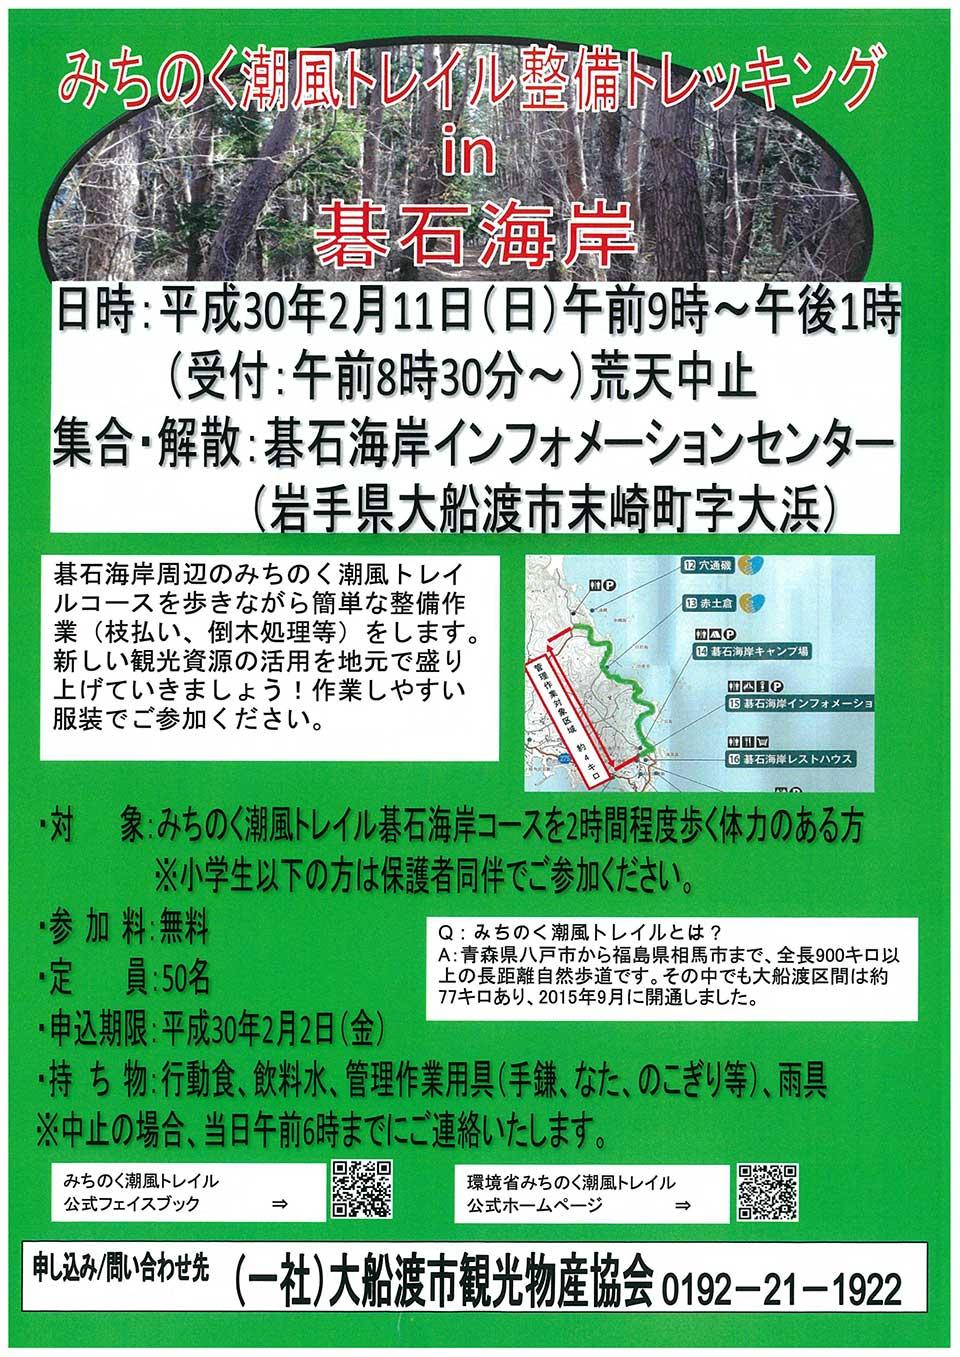 みちのく潮風トレイル整備トレッキングin碁石海岸2018